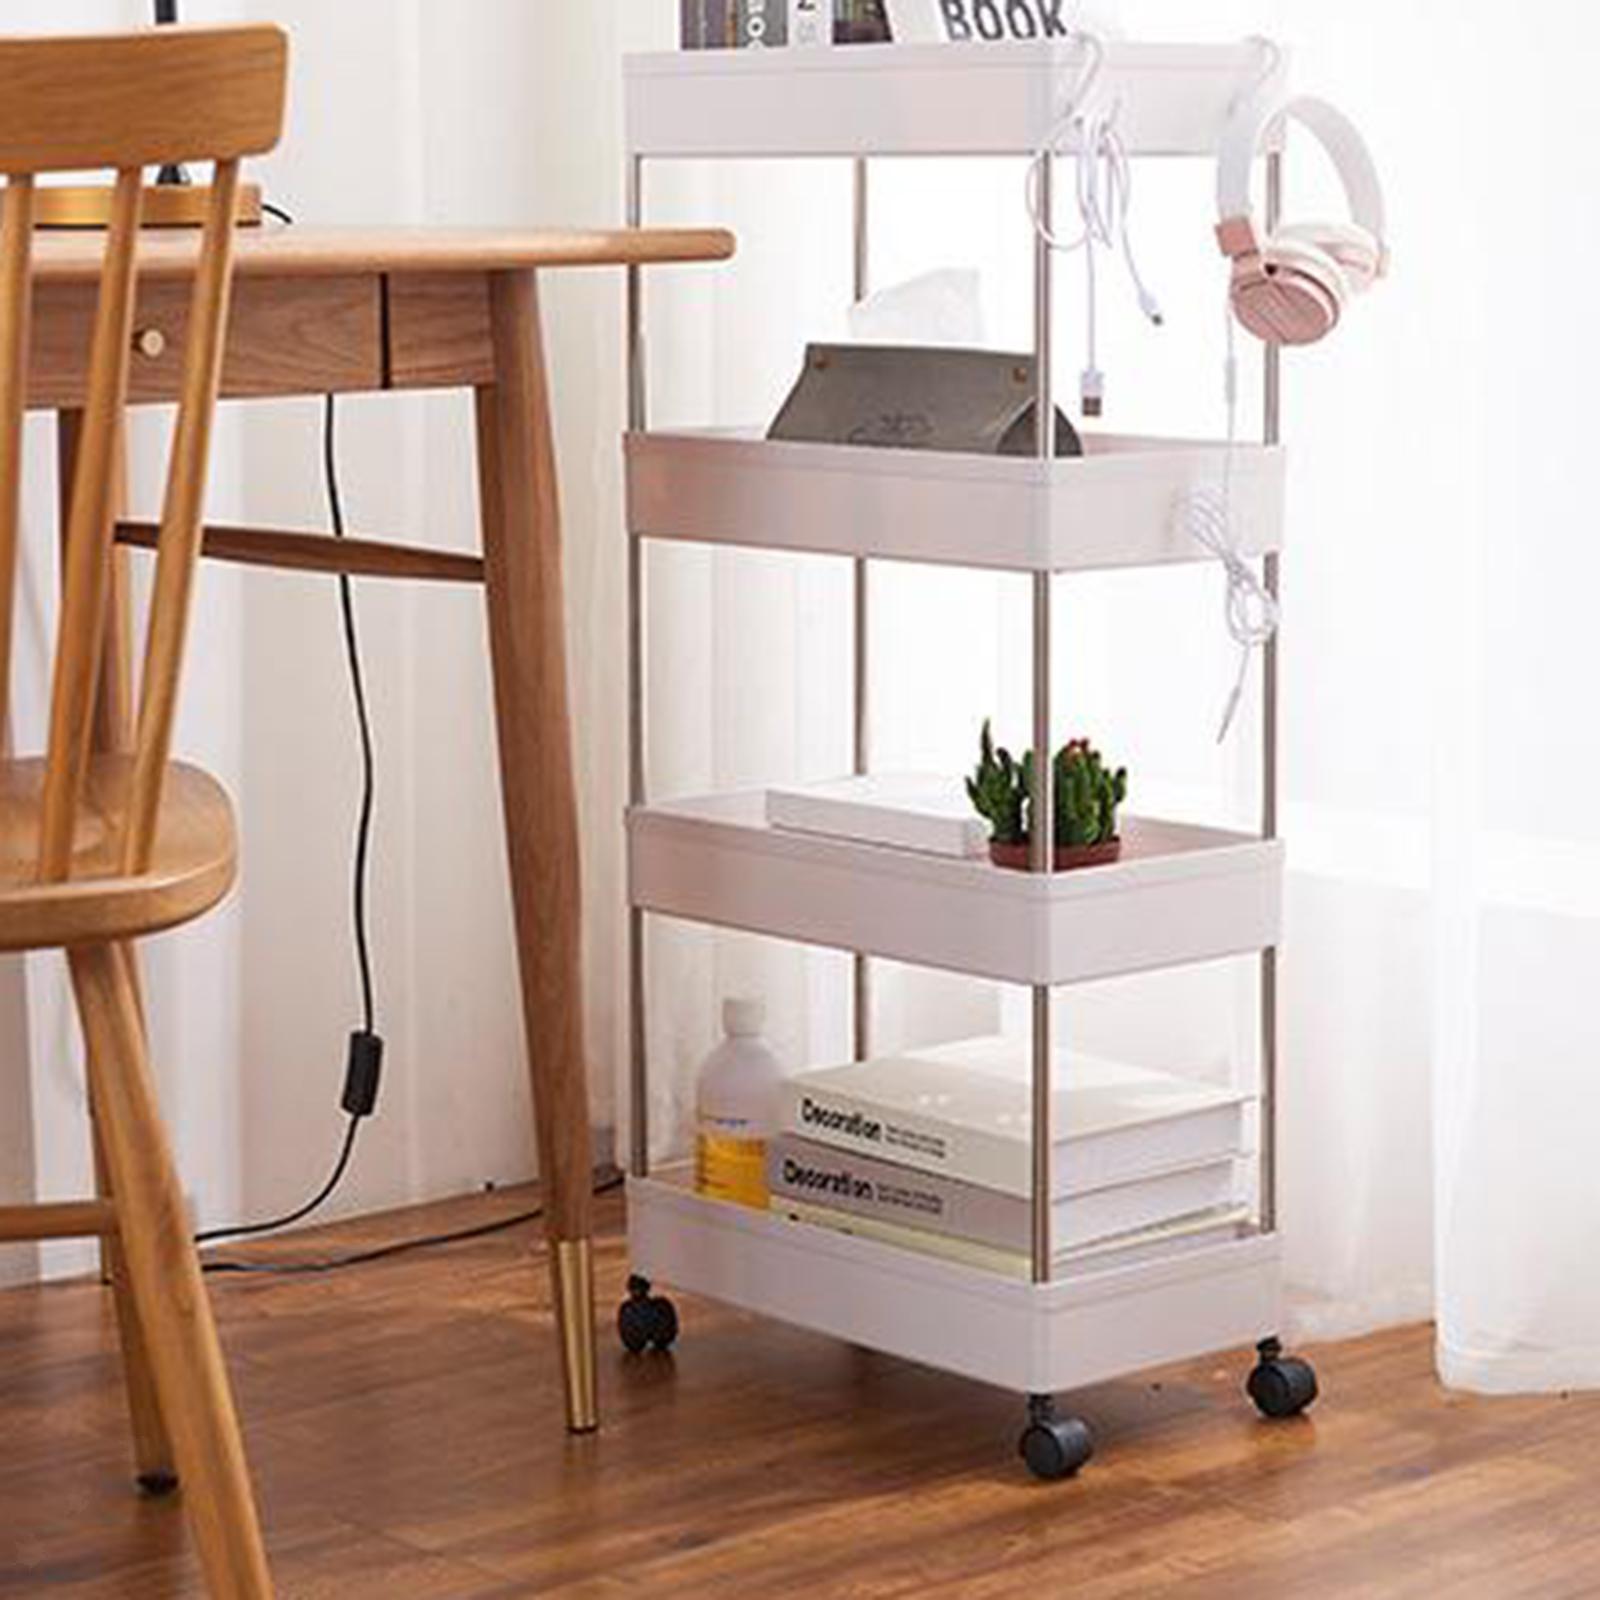 Scaffale-da-cucina-Scaffale-da-soggiorno-Mobili-da-soggiorno-Scaffale-con-ruote miniatura 4